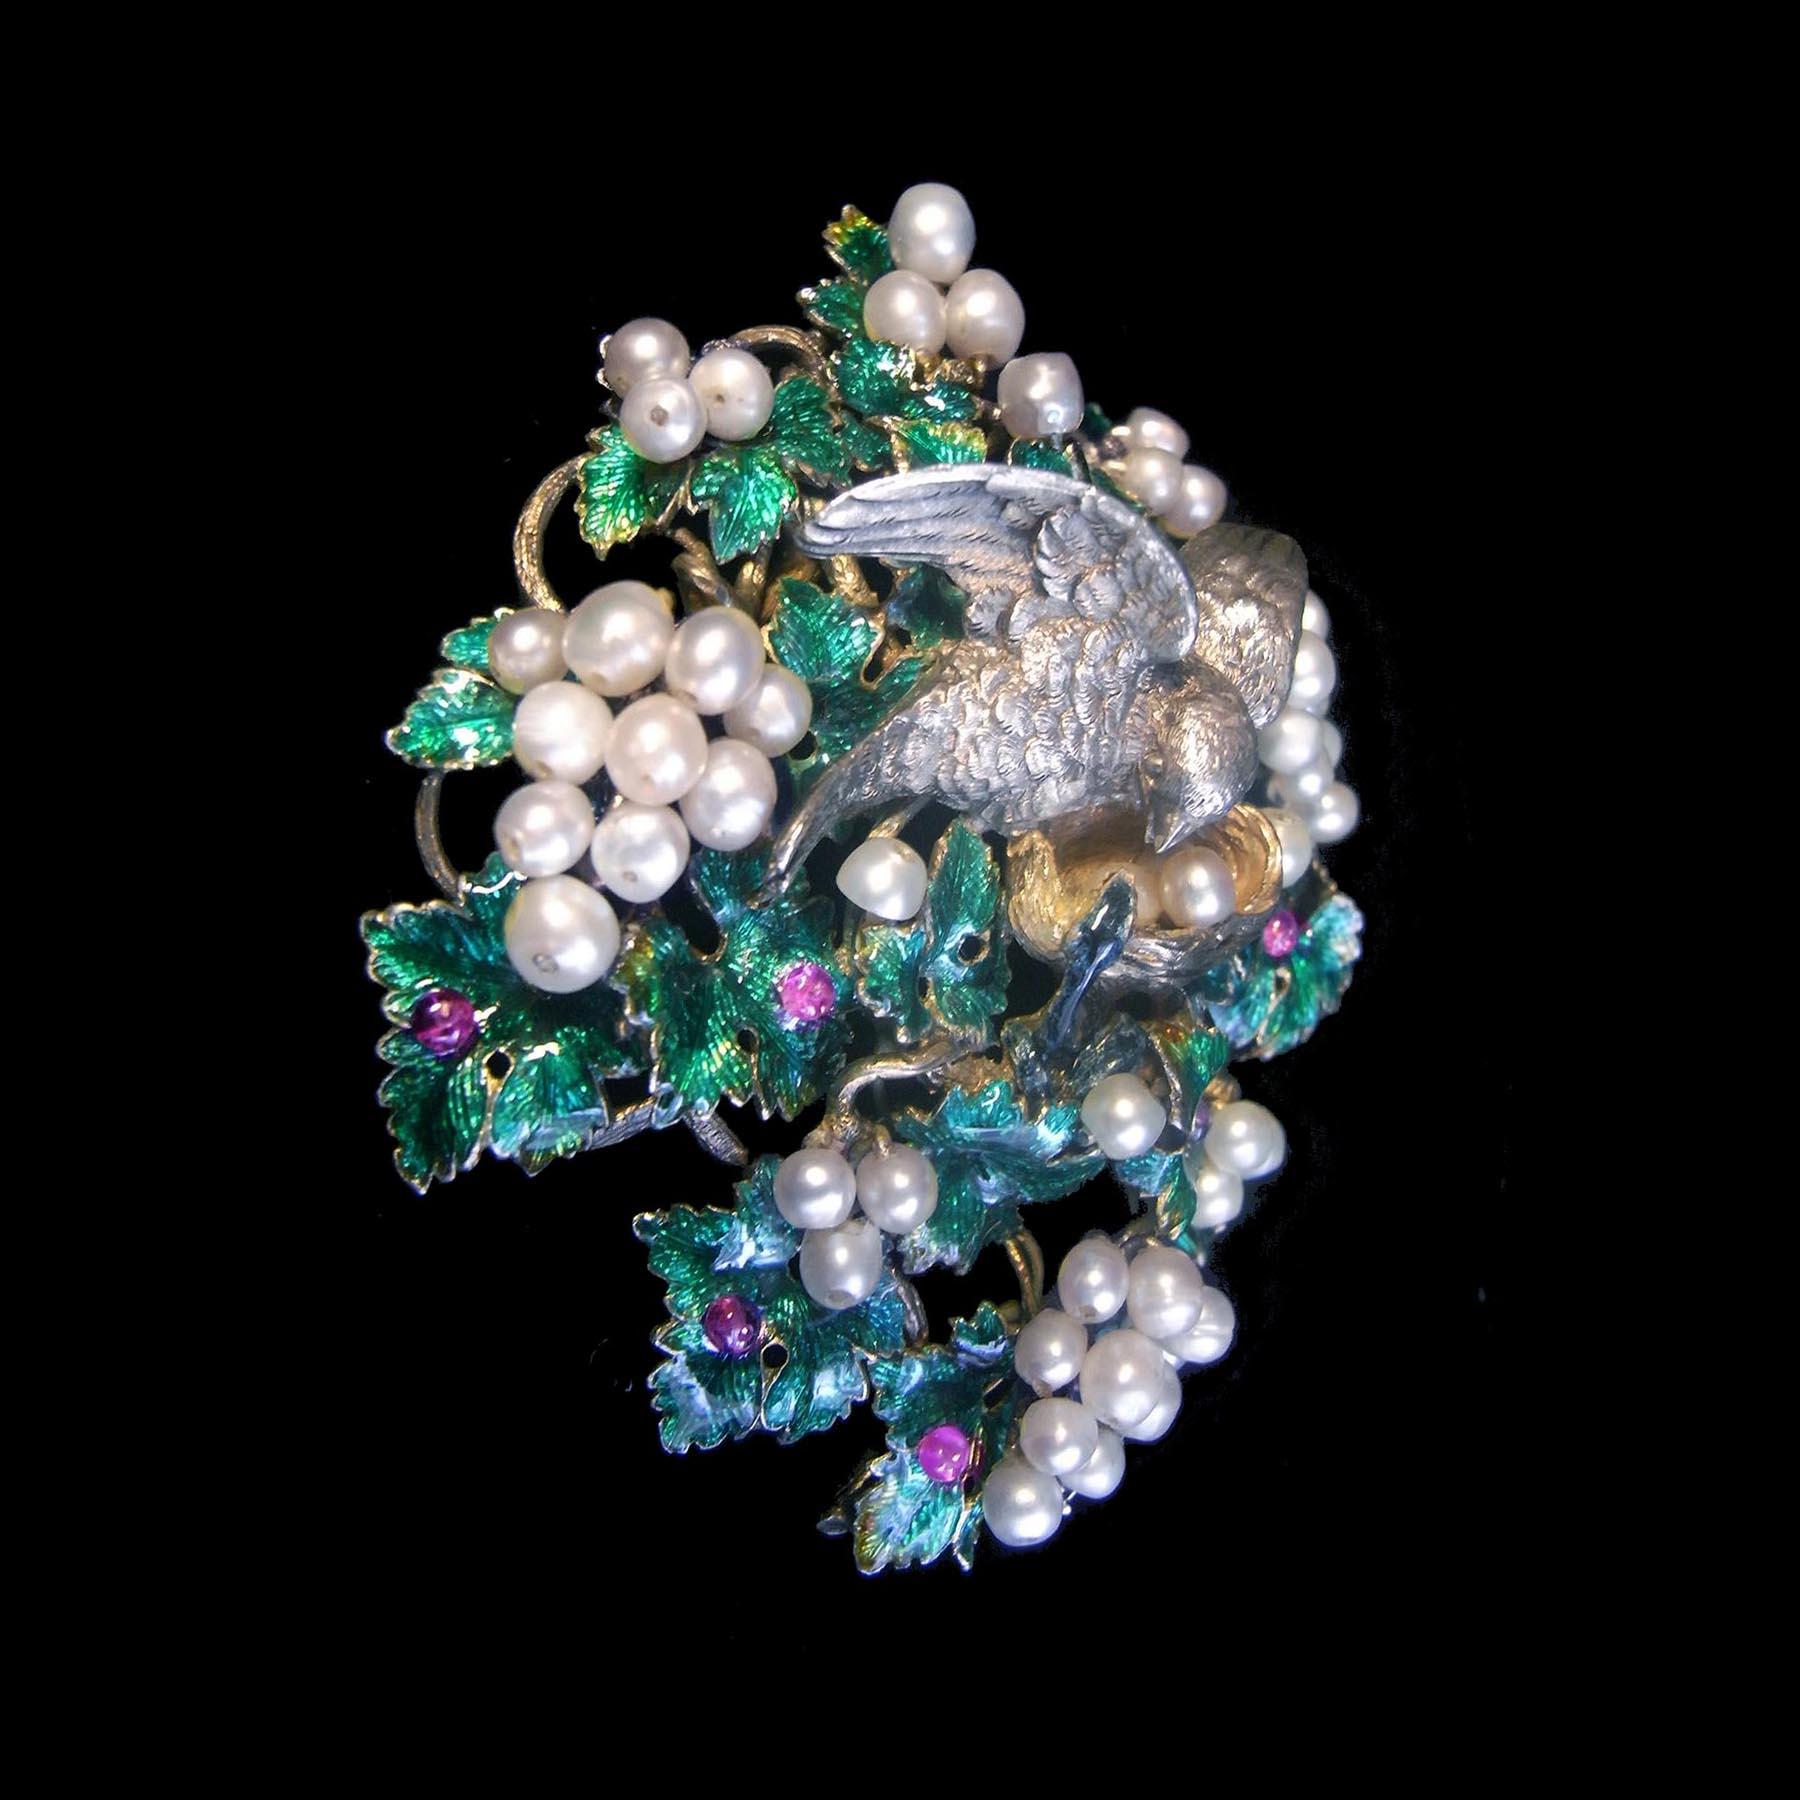 ルビー 天然真珠 19世紀フランスのアンティークブローチ